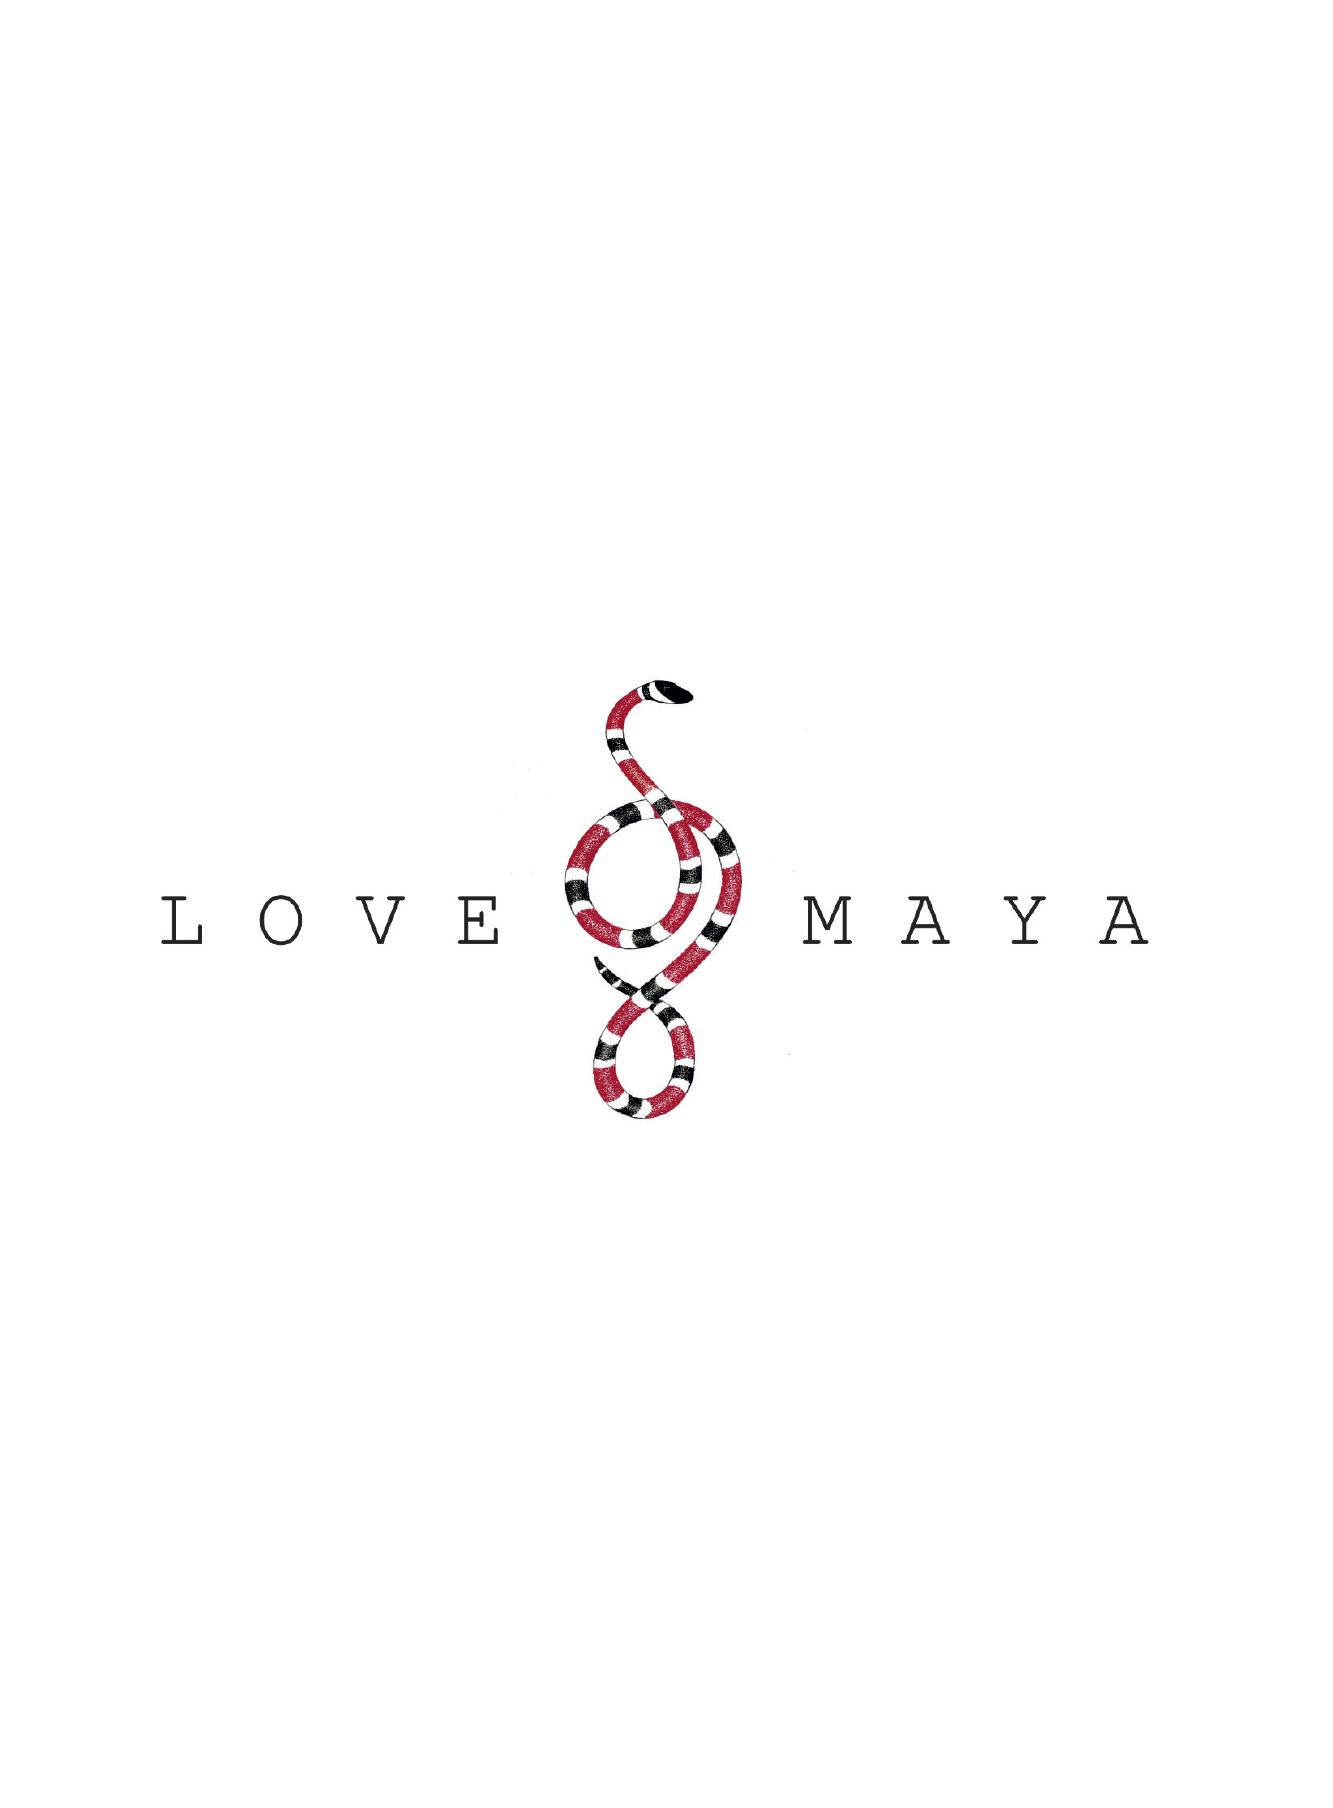 lovemaya_perfil